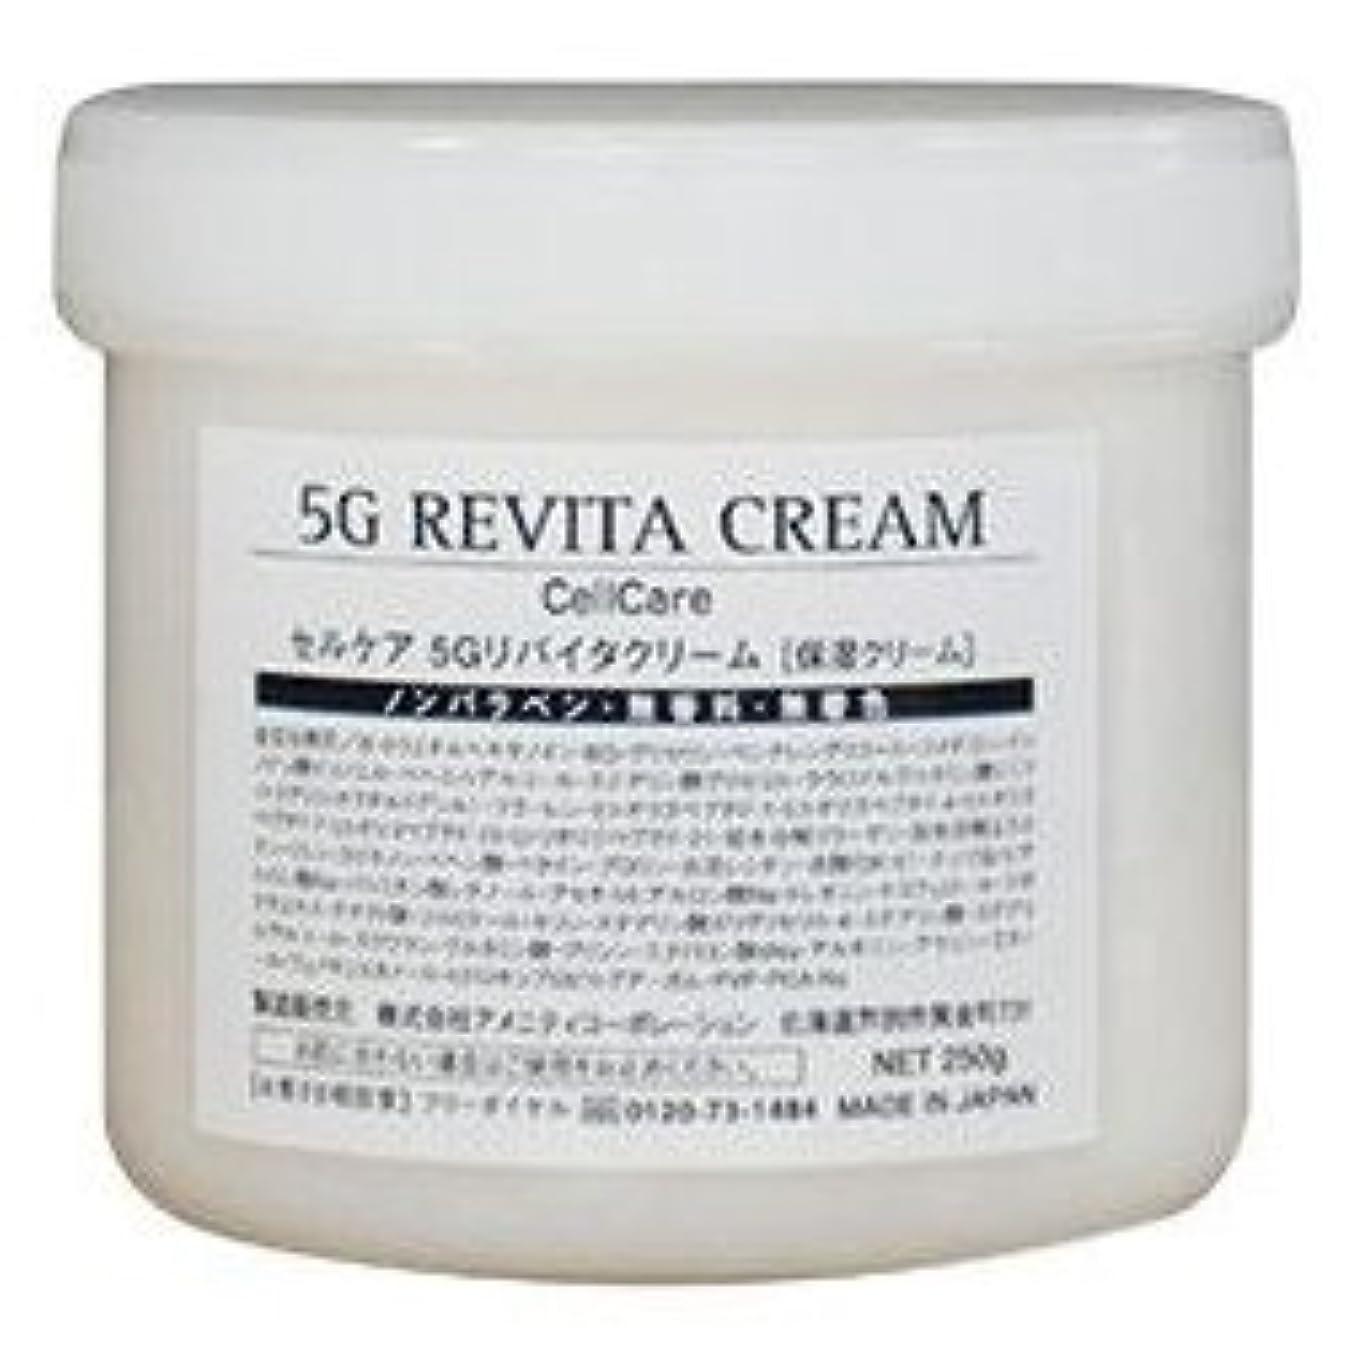 舞い上がるナチュラルびんセルケアGF プレミアム 5Gリバイタルクリーム 保湿クリーム お徳用250g